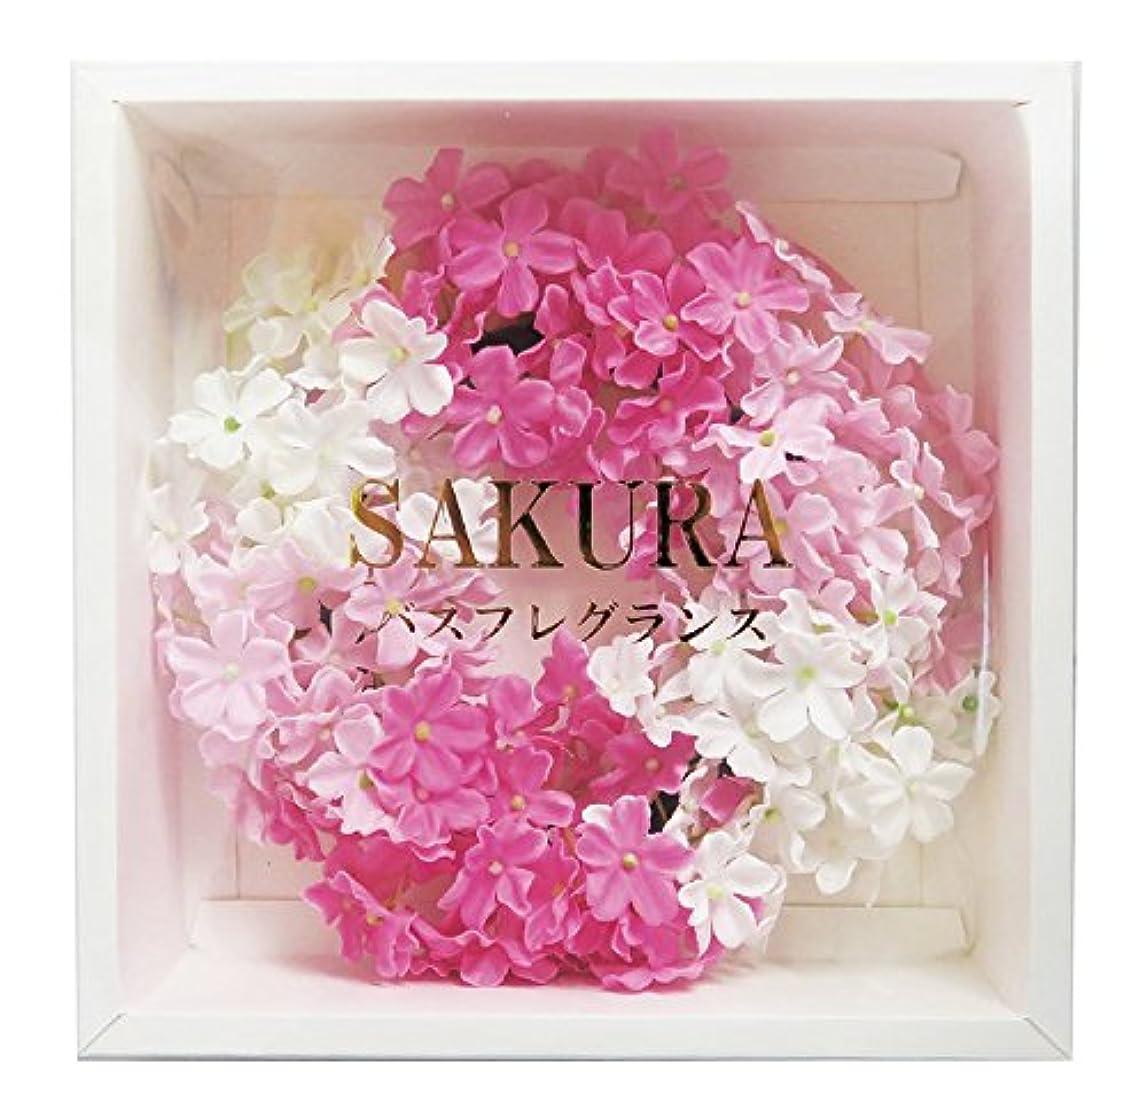 ホップハードウェア誘導花のカタチの入浴料! バスフレグランス SAKURA サクラ リース